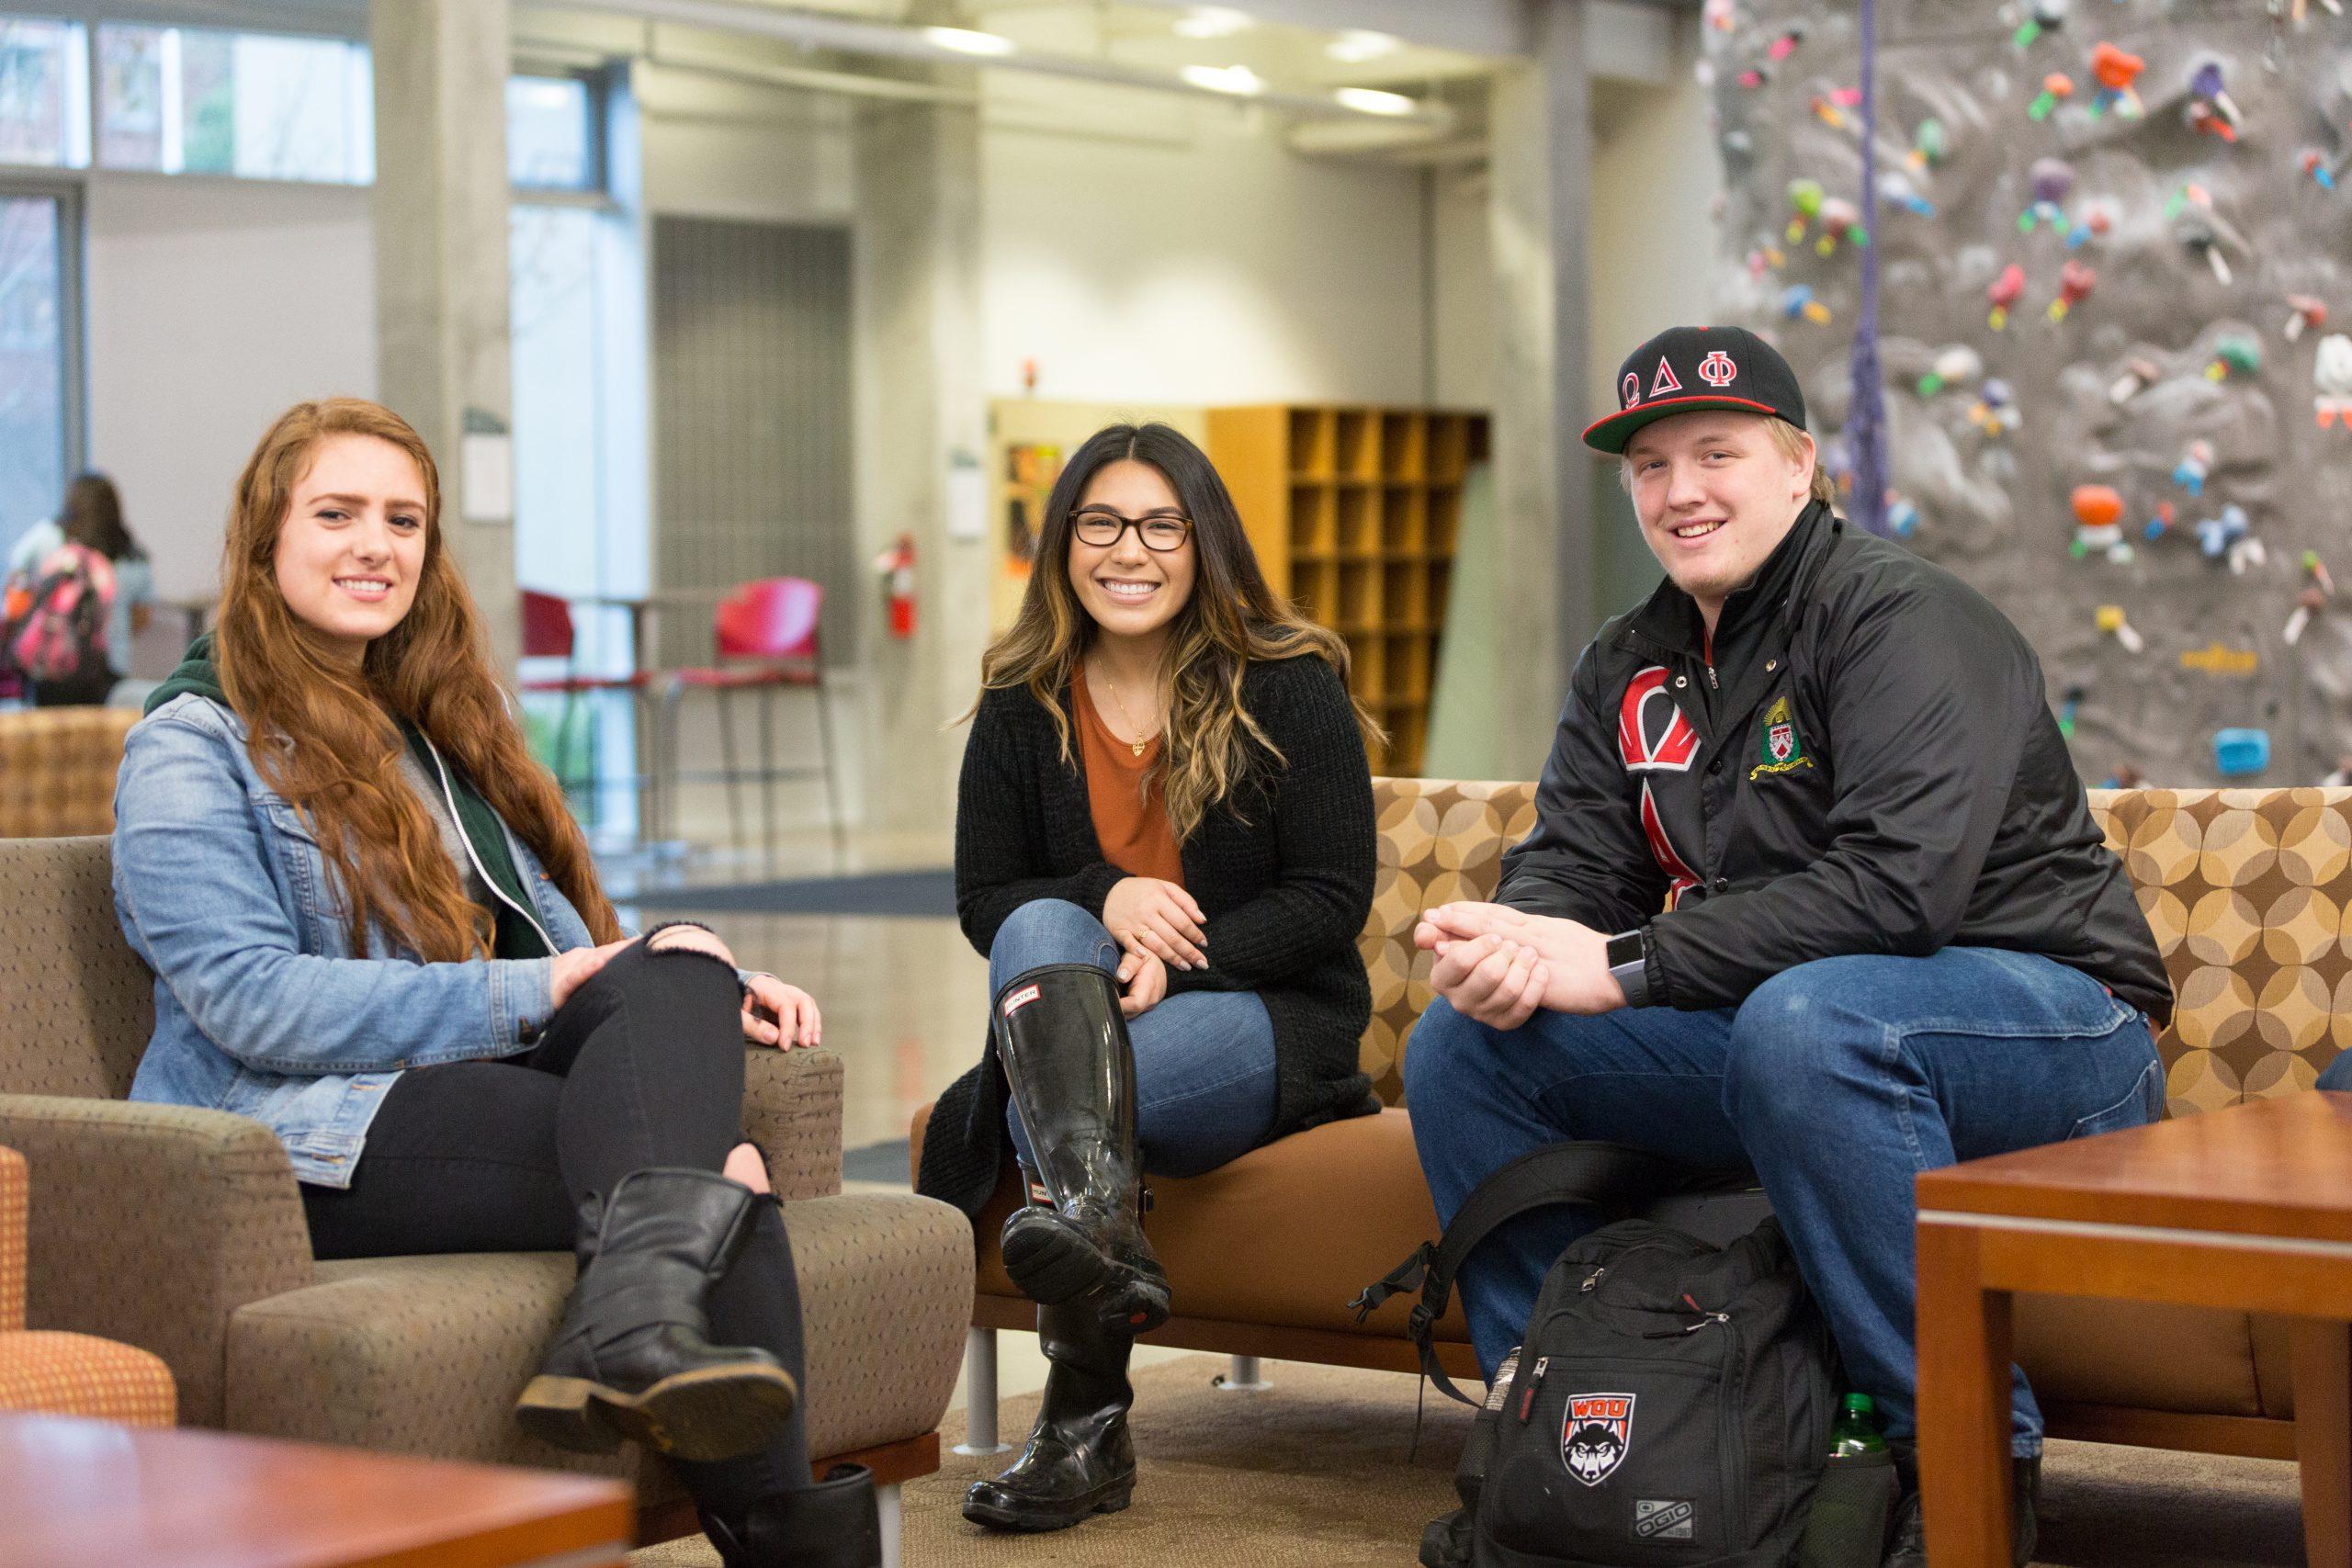 Student Group at HWC